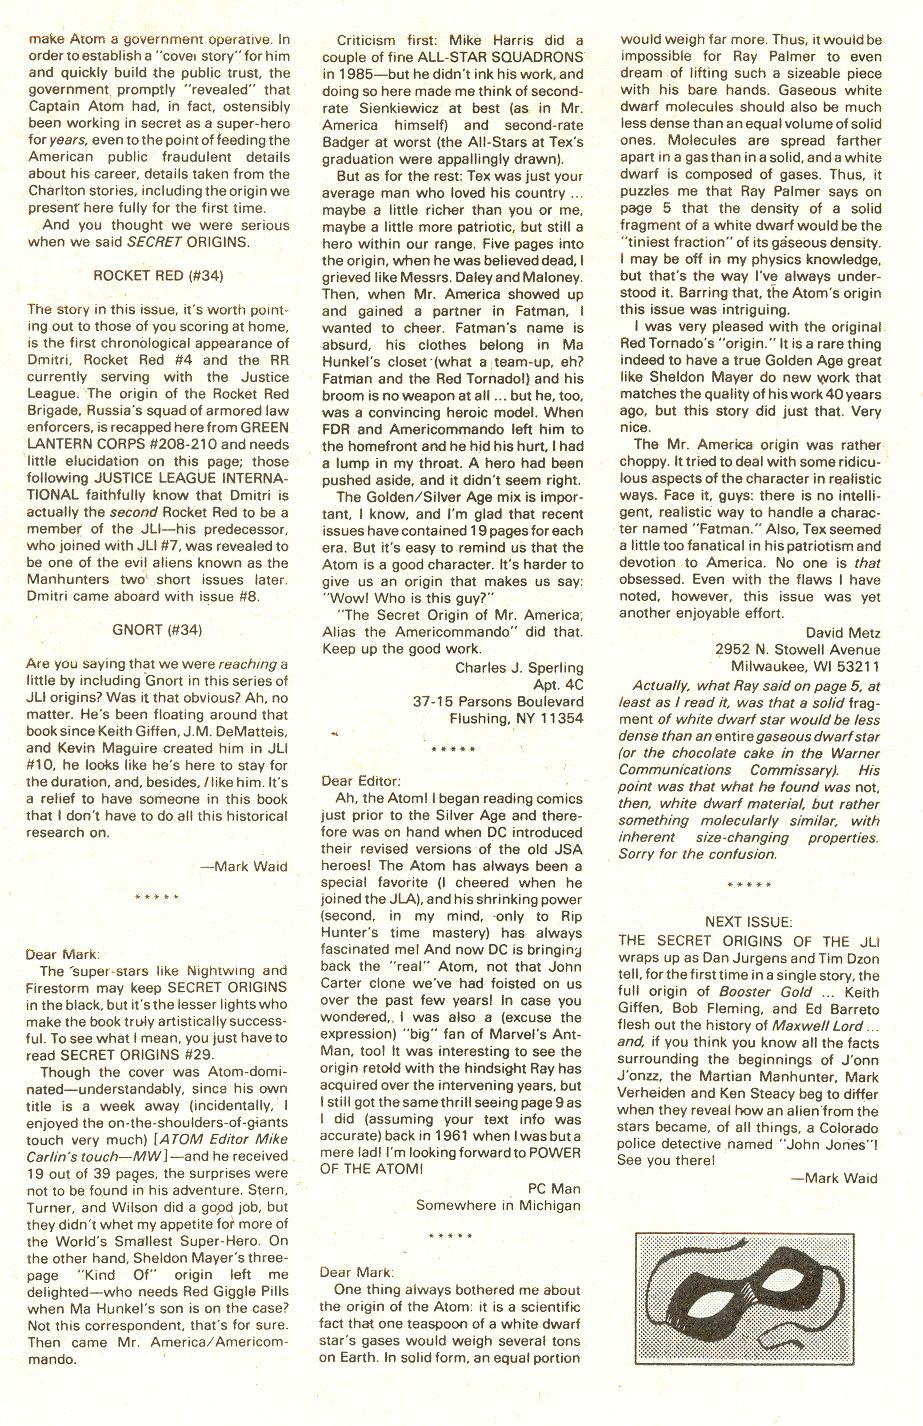 Read online Secret Origins (1986) comic -  Issue #34 - 34